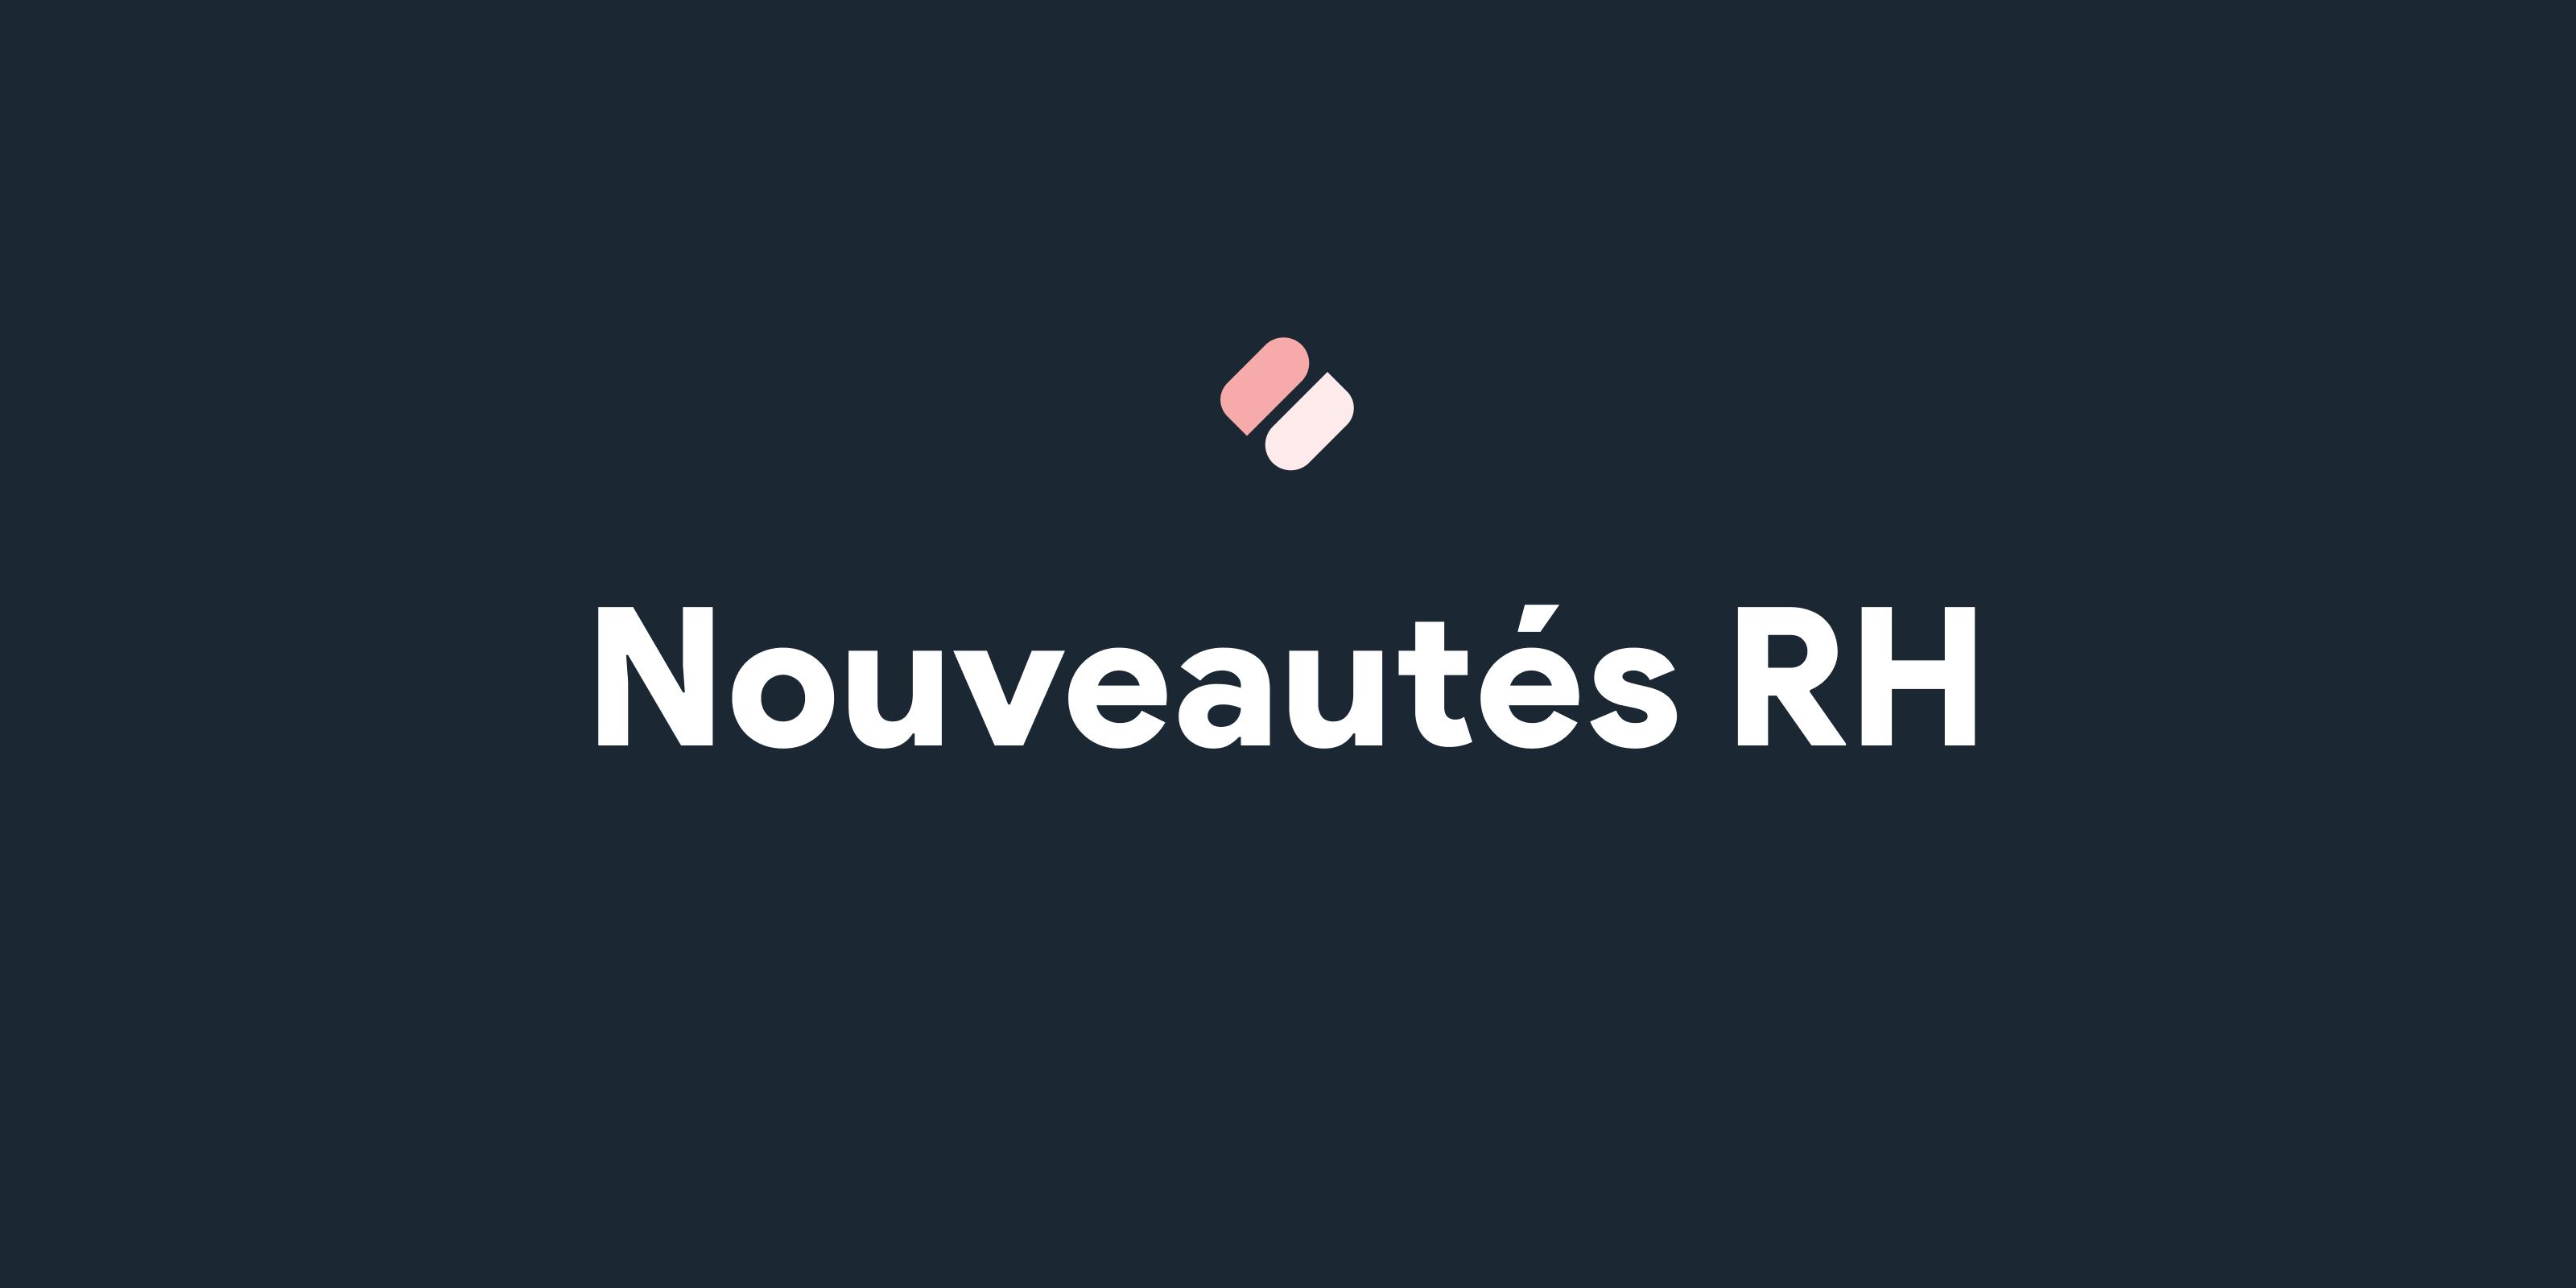 Les nouveautés RH à prendre en compte avant fin 2019